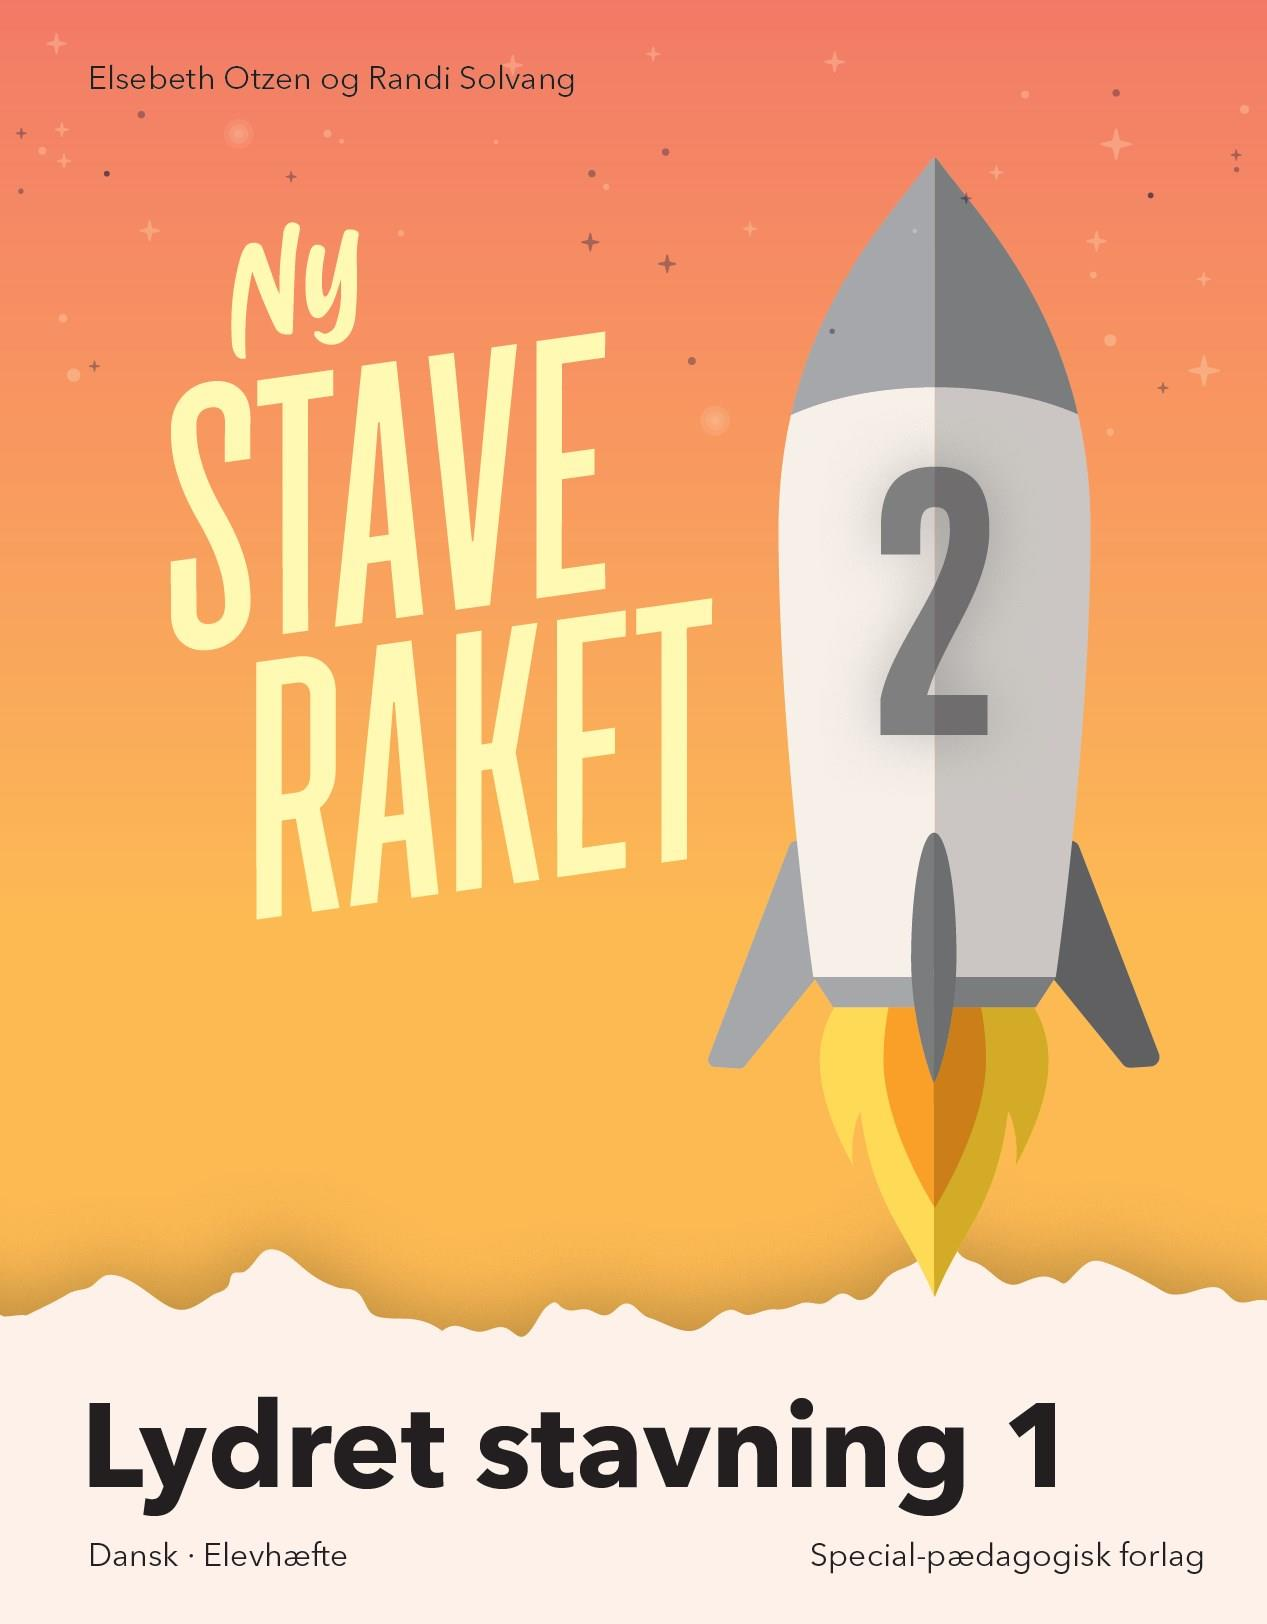 Ny Staveraket: Ny Staveraket, Fase 2, Lydret stavning 1 - Elsebeth Otzen; Randi Solvang - Bøger - Alinea - 9788723540416 - August 19, 2019